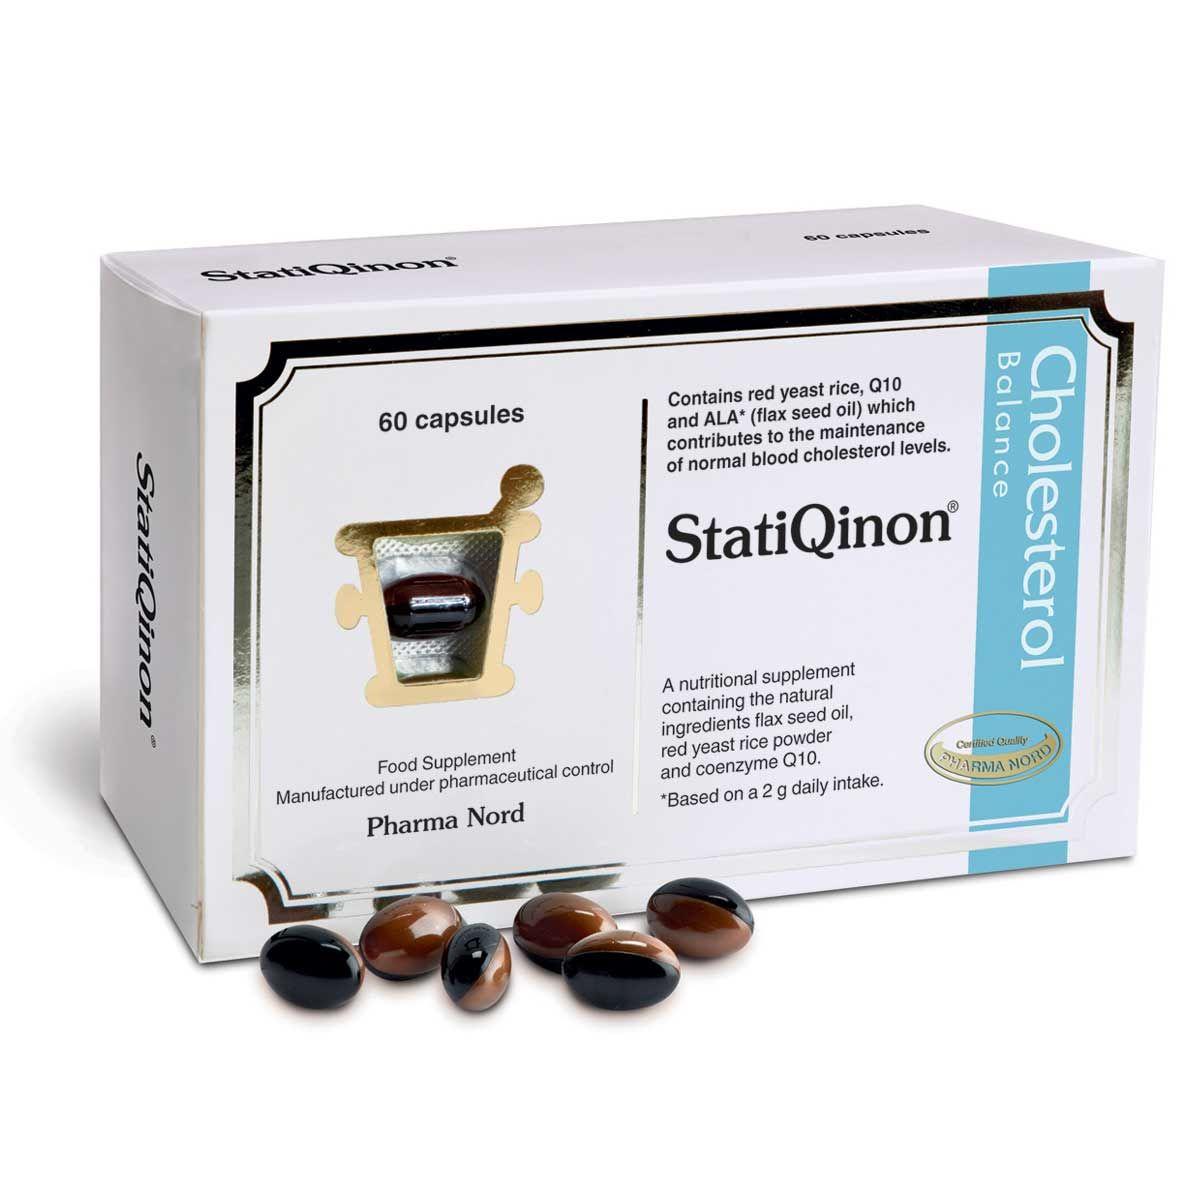 StatiQinon 60's